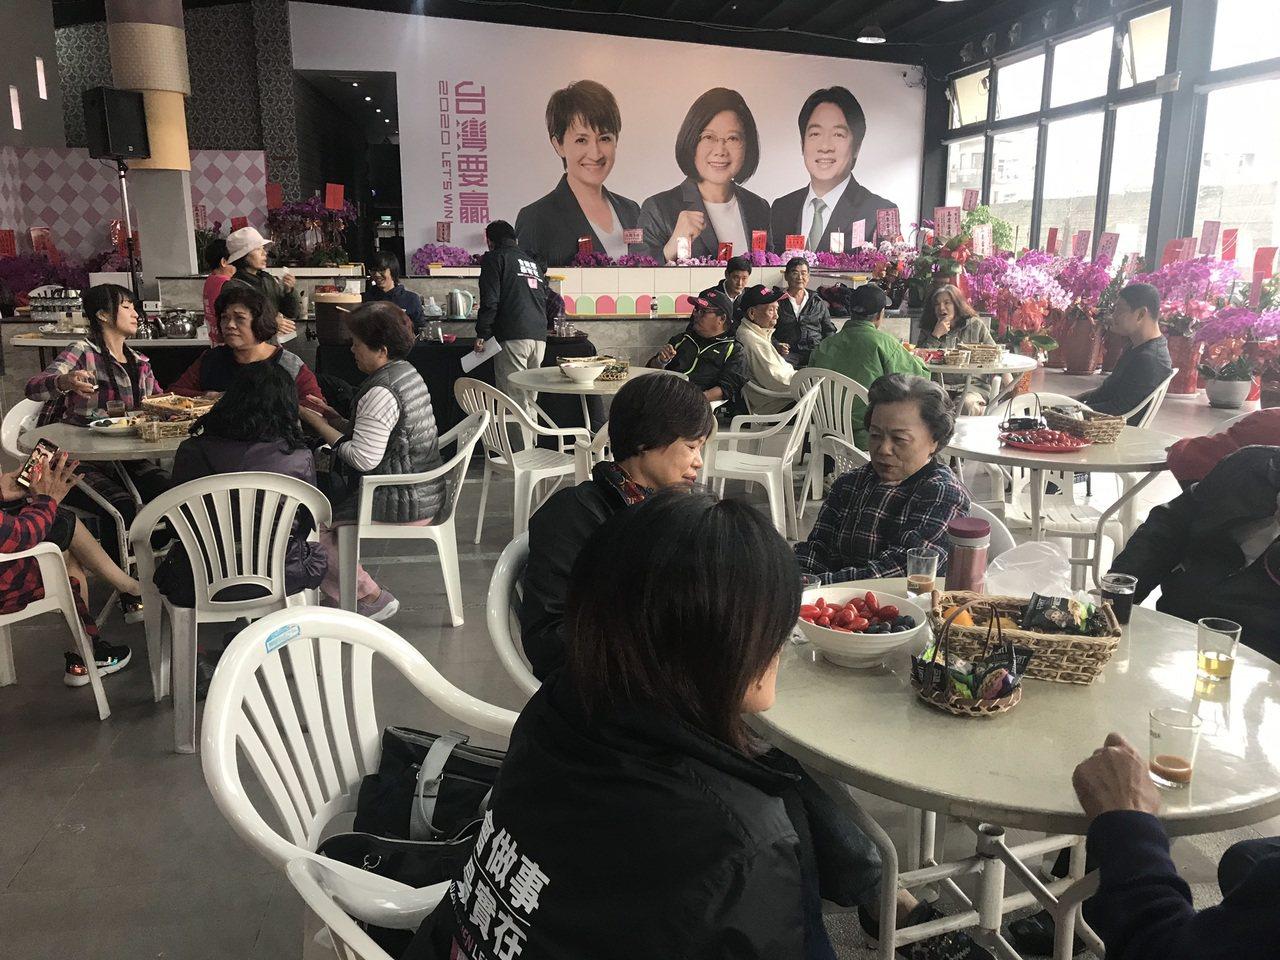 蕭美琴競選總部昨「開箱」,不少支持者到總部喝咖啡。記者王燕華/攝影